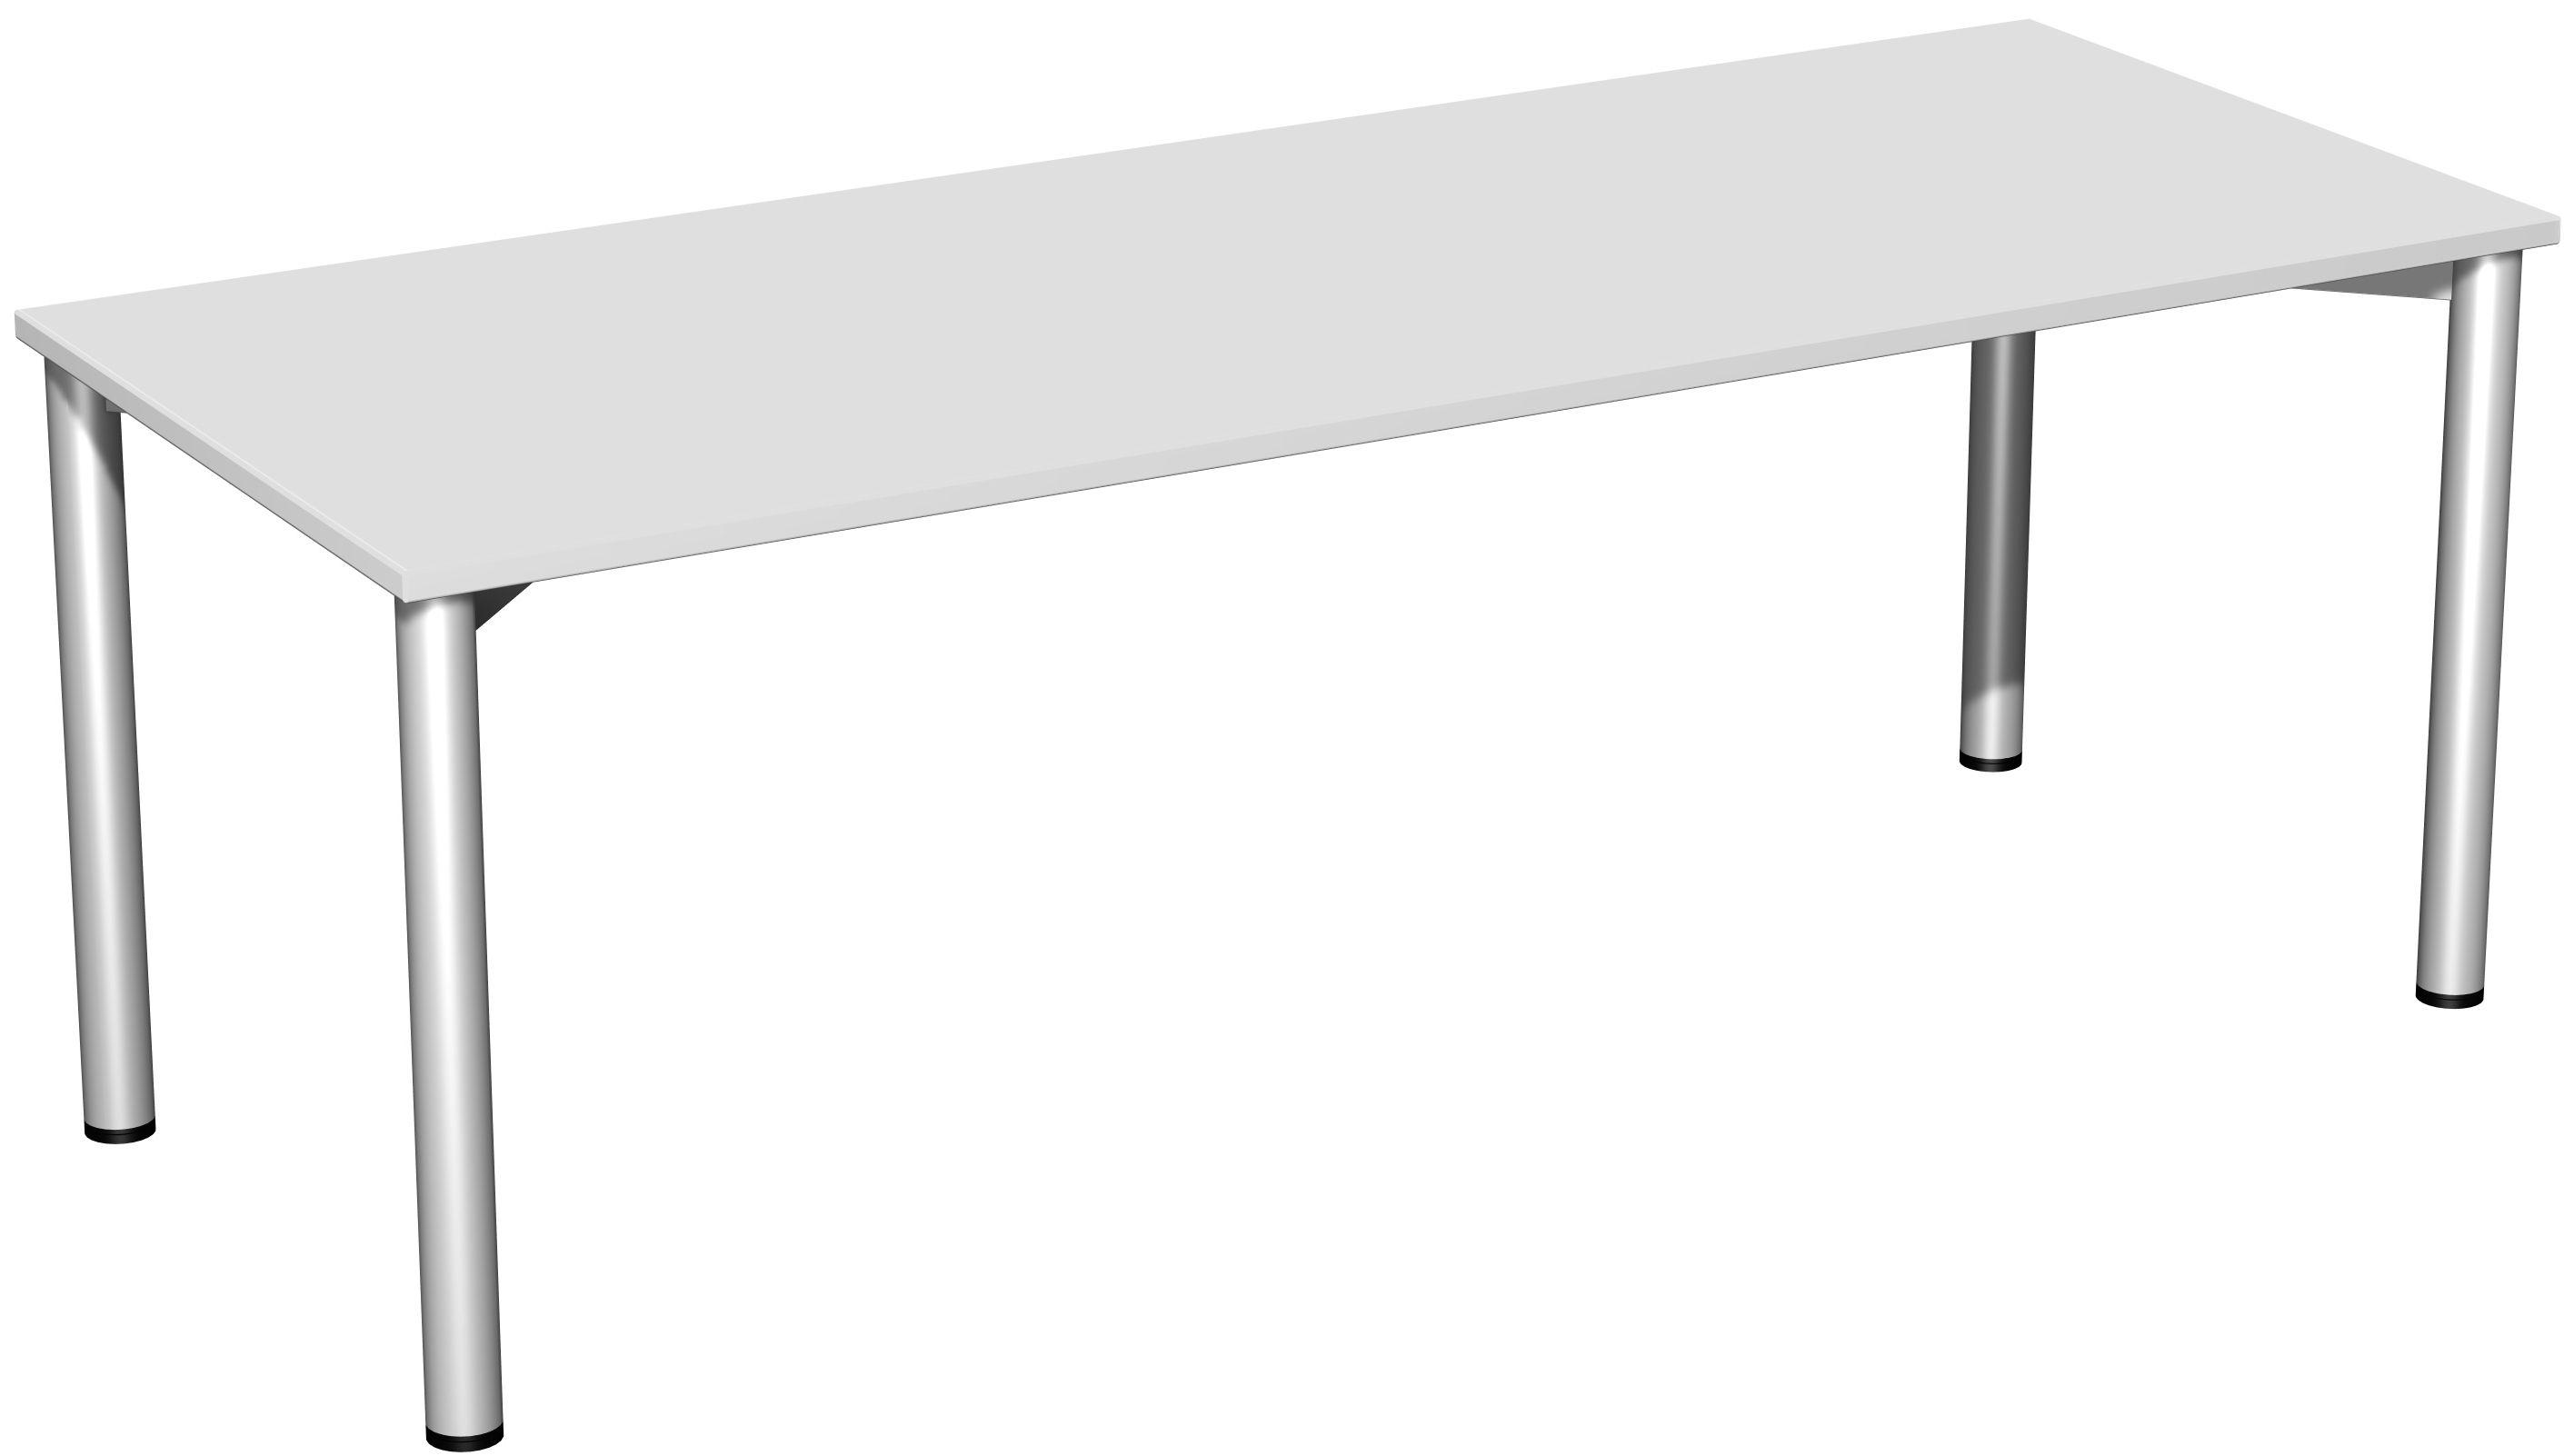 Konferenztisch Rundfuss 200x80cm Lichtgrau Silber Konferenztisch Tisch Haus Deko